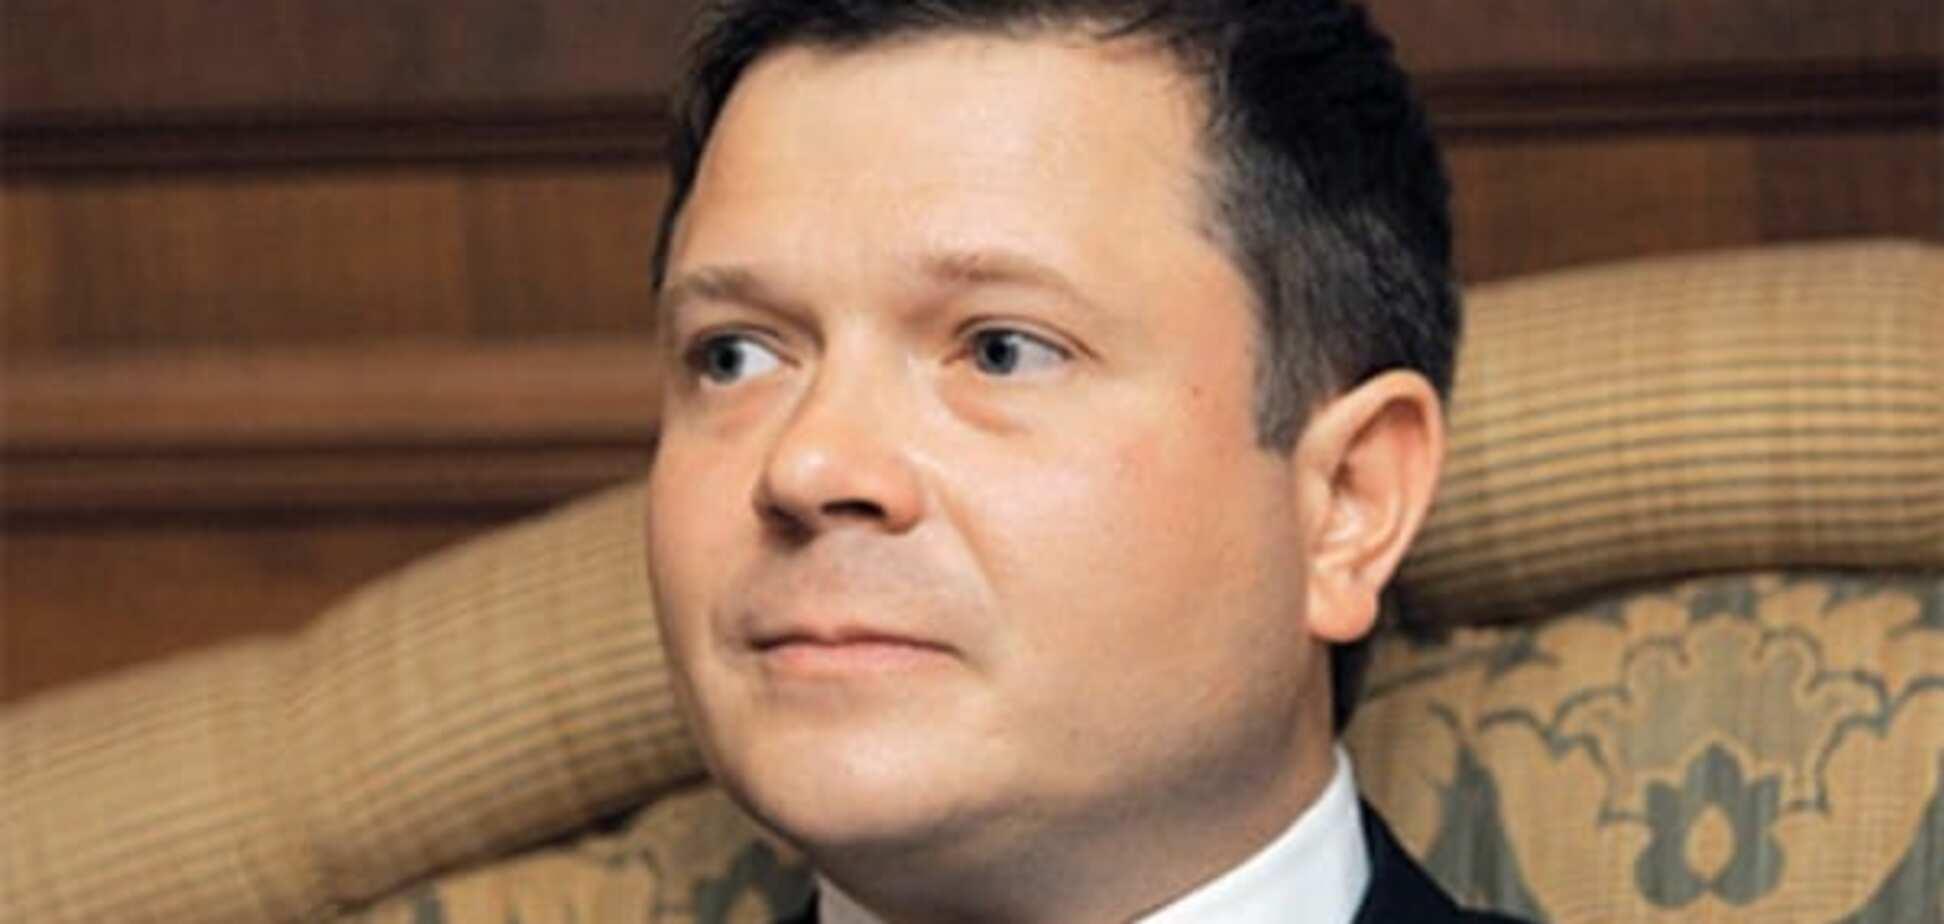 Сын украинского олигарха стал совладельцем известного телеканала